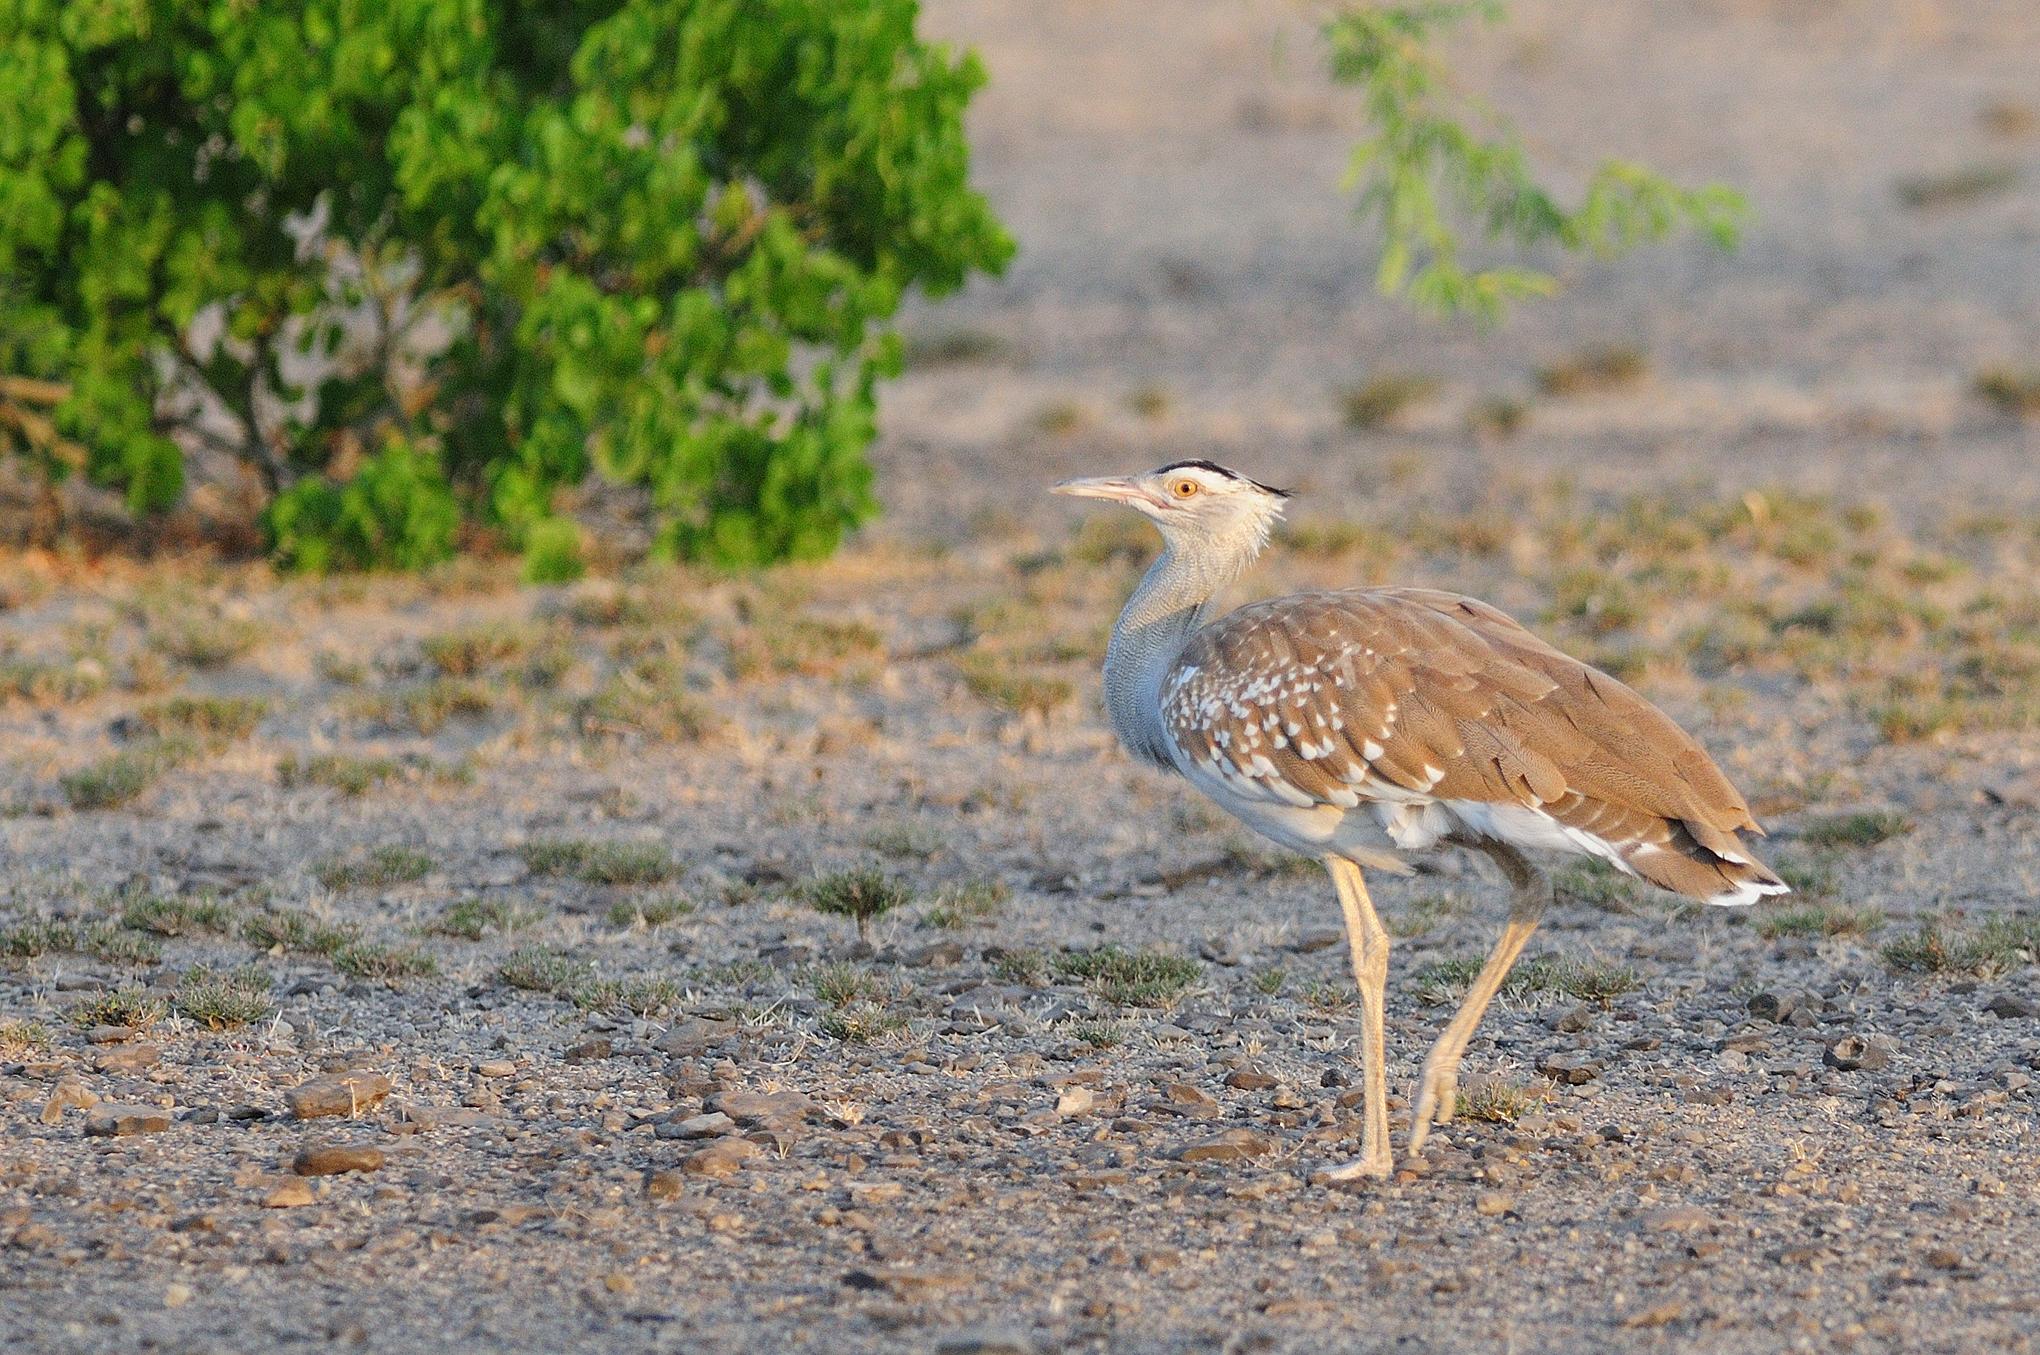 Arabian Bustard - Bilen - Ethiopia - Ric